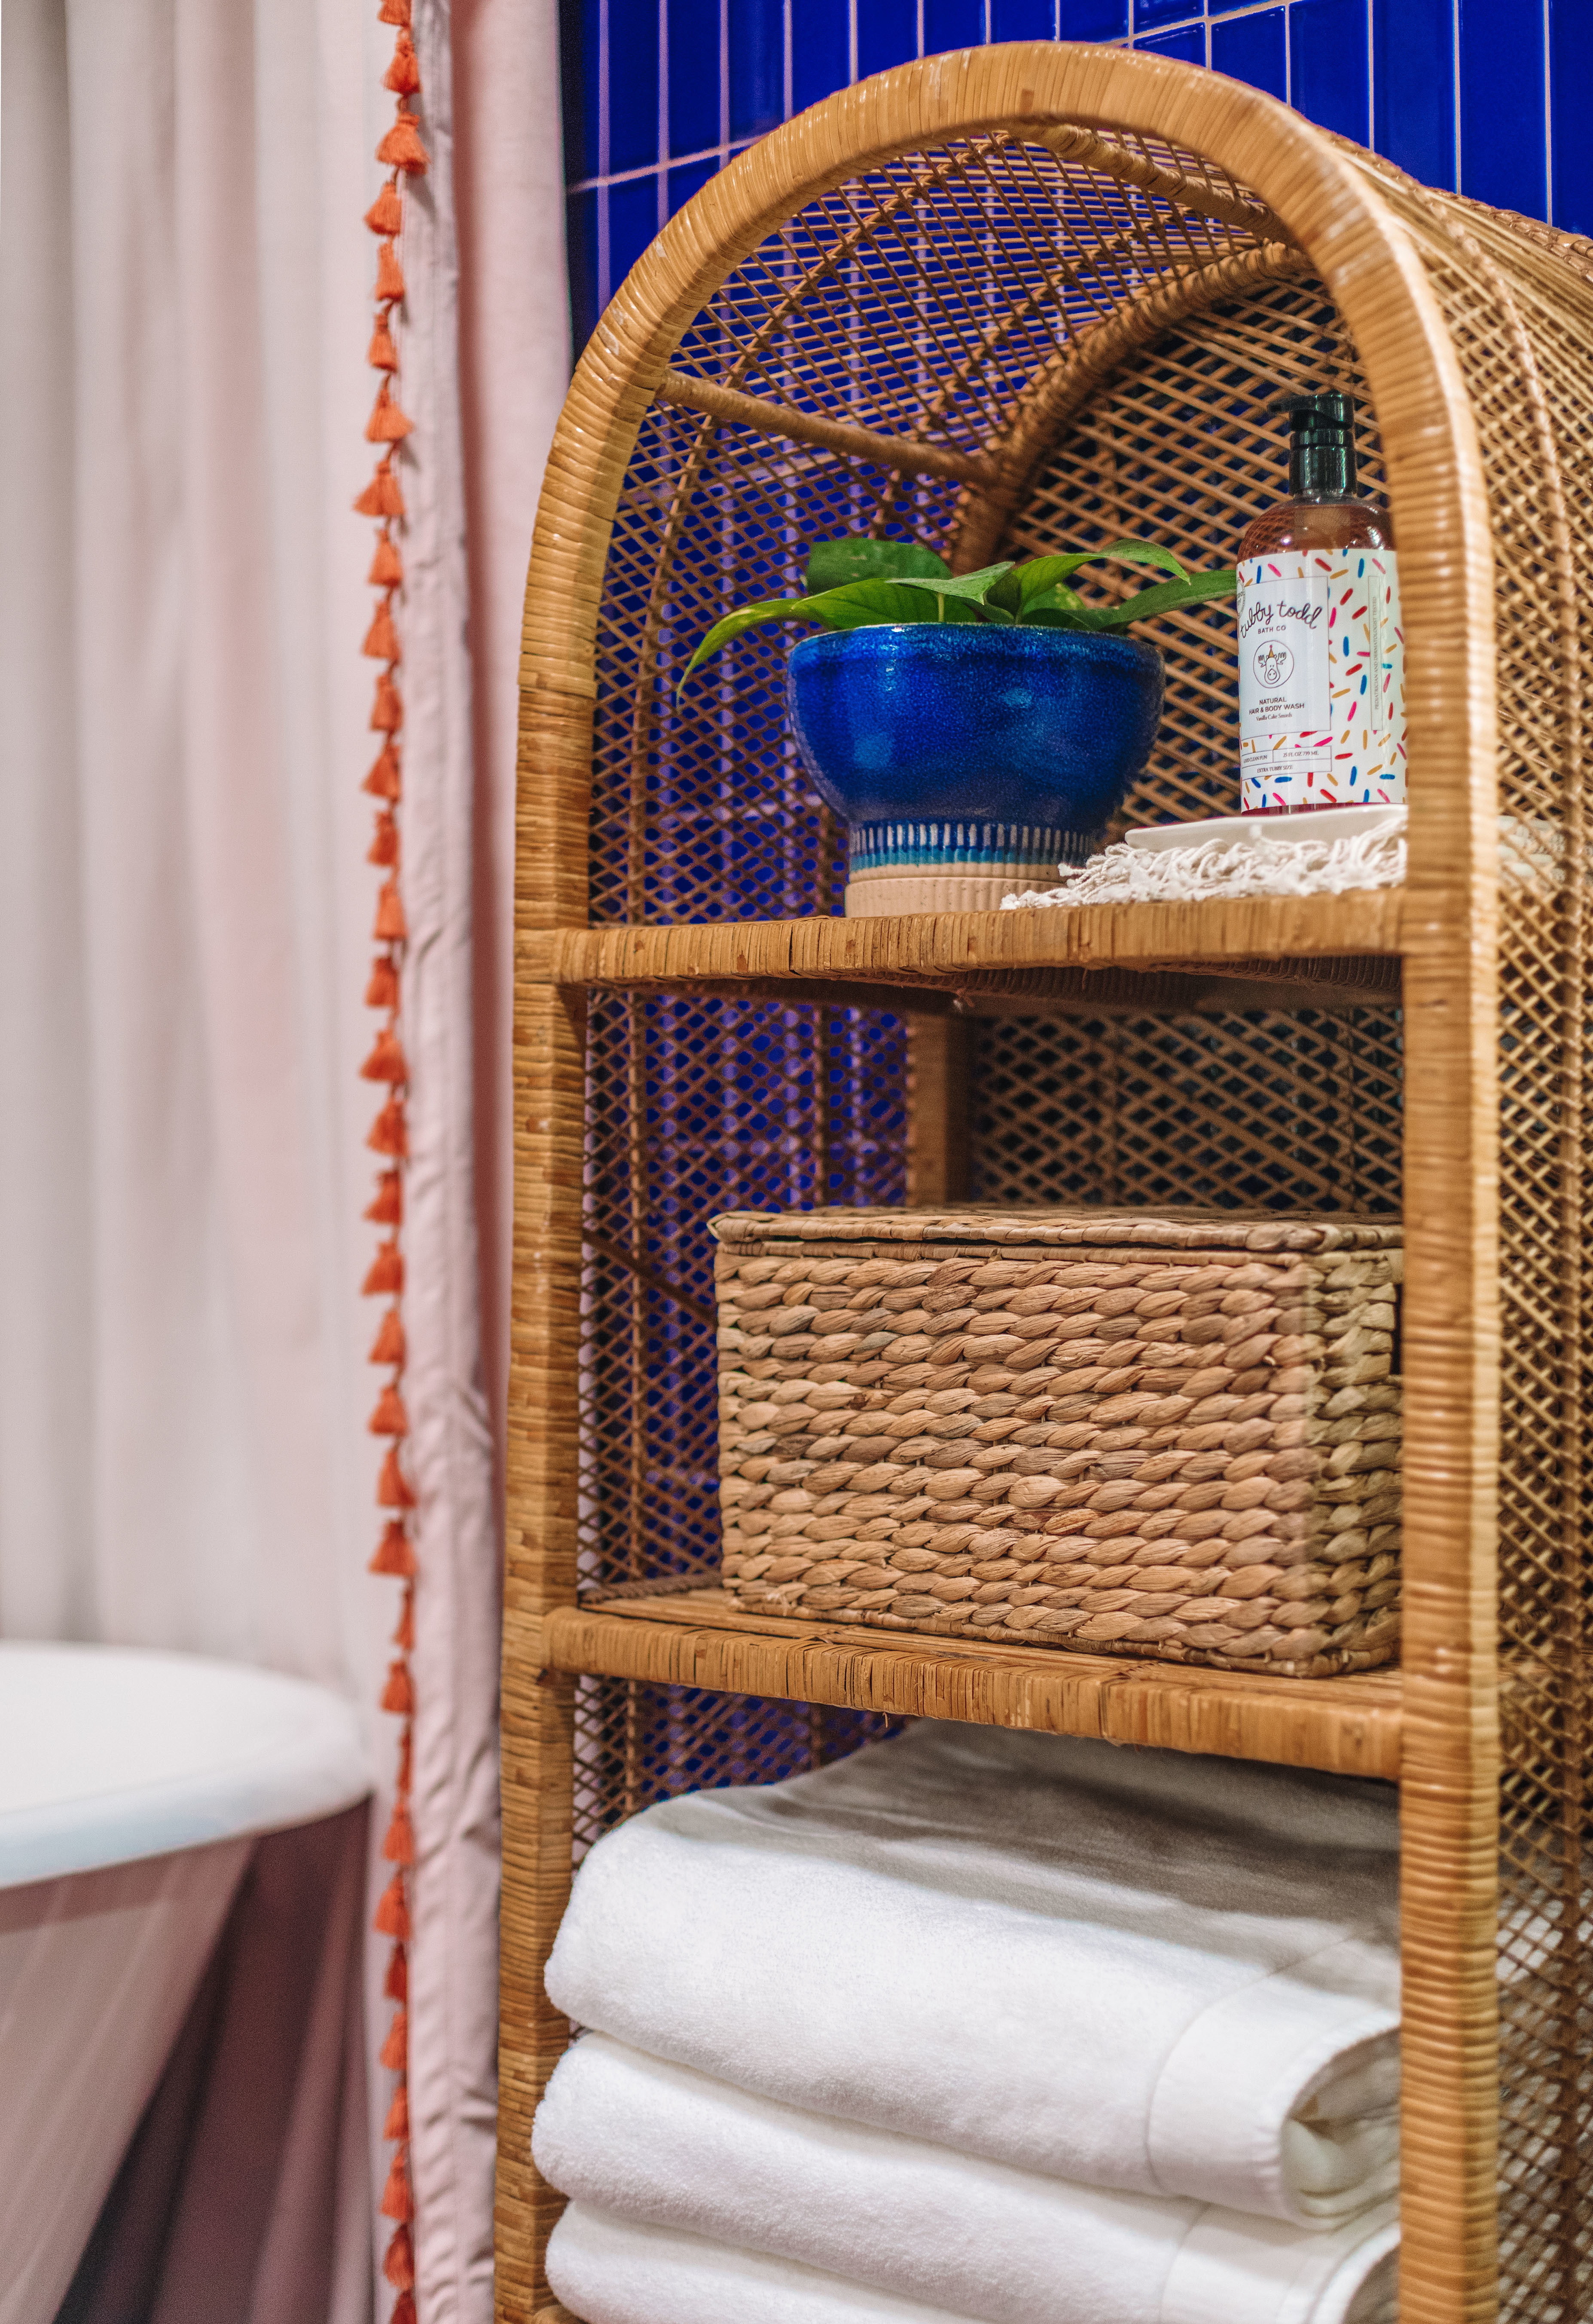 Wicker-towel-shelf-feat.jpg#asset:4439